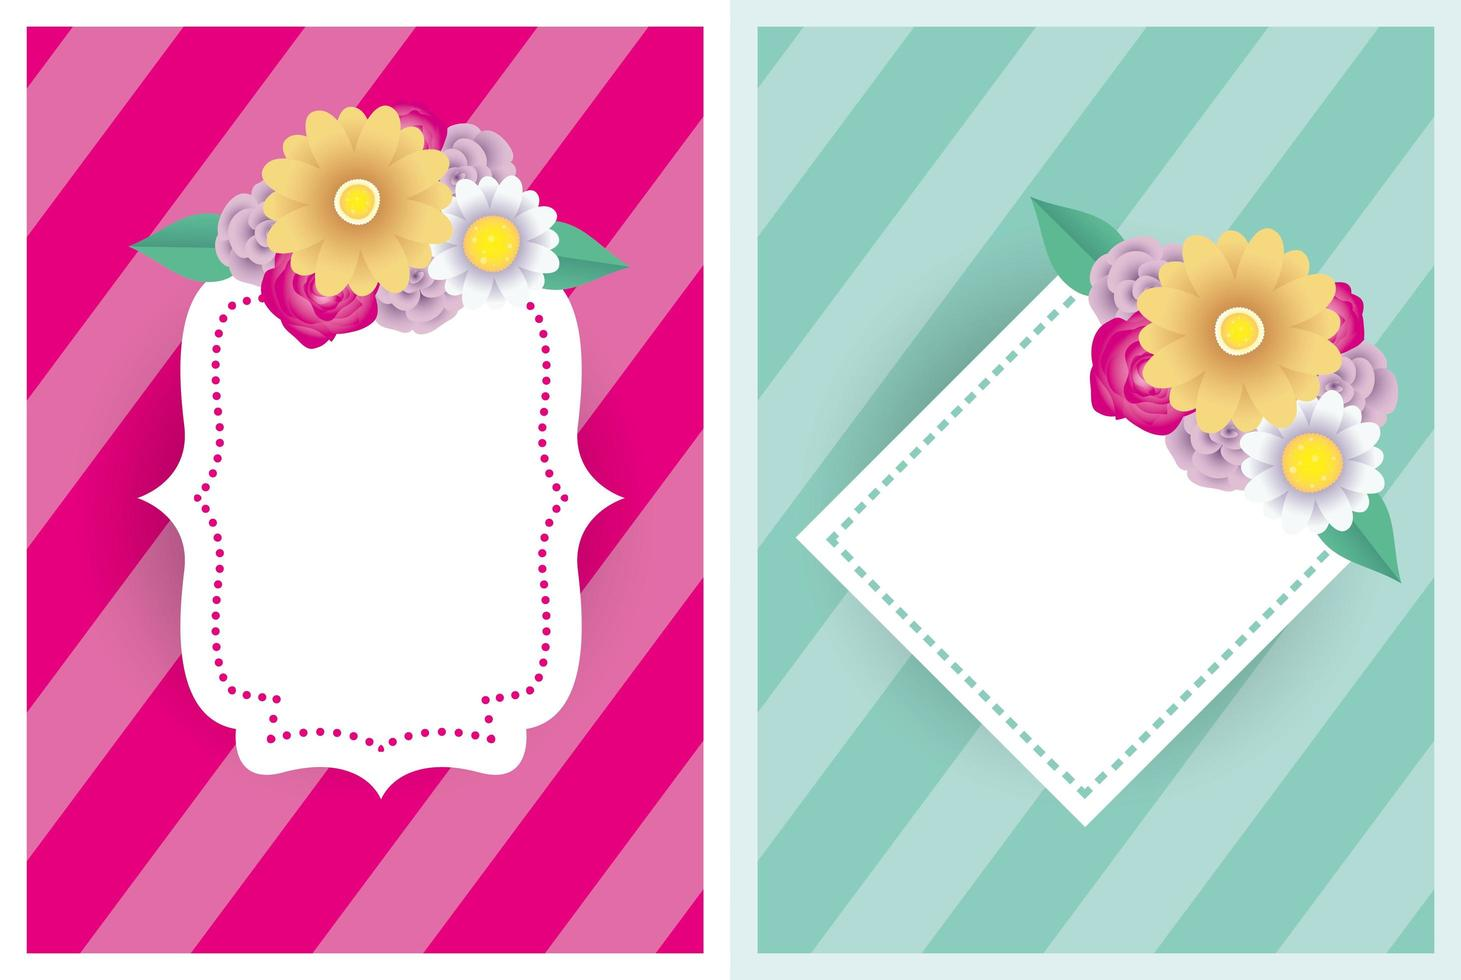 modèle de jeu de cartes décoratives florales avec des cadres élégants vecteur